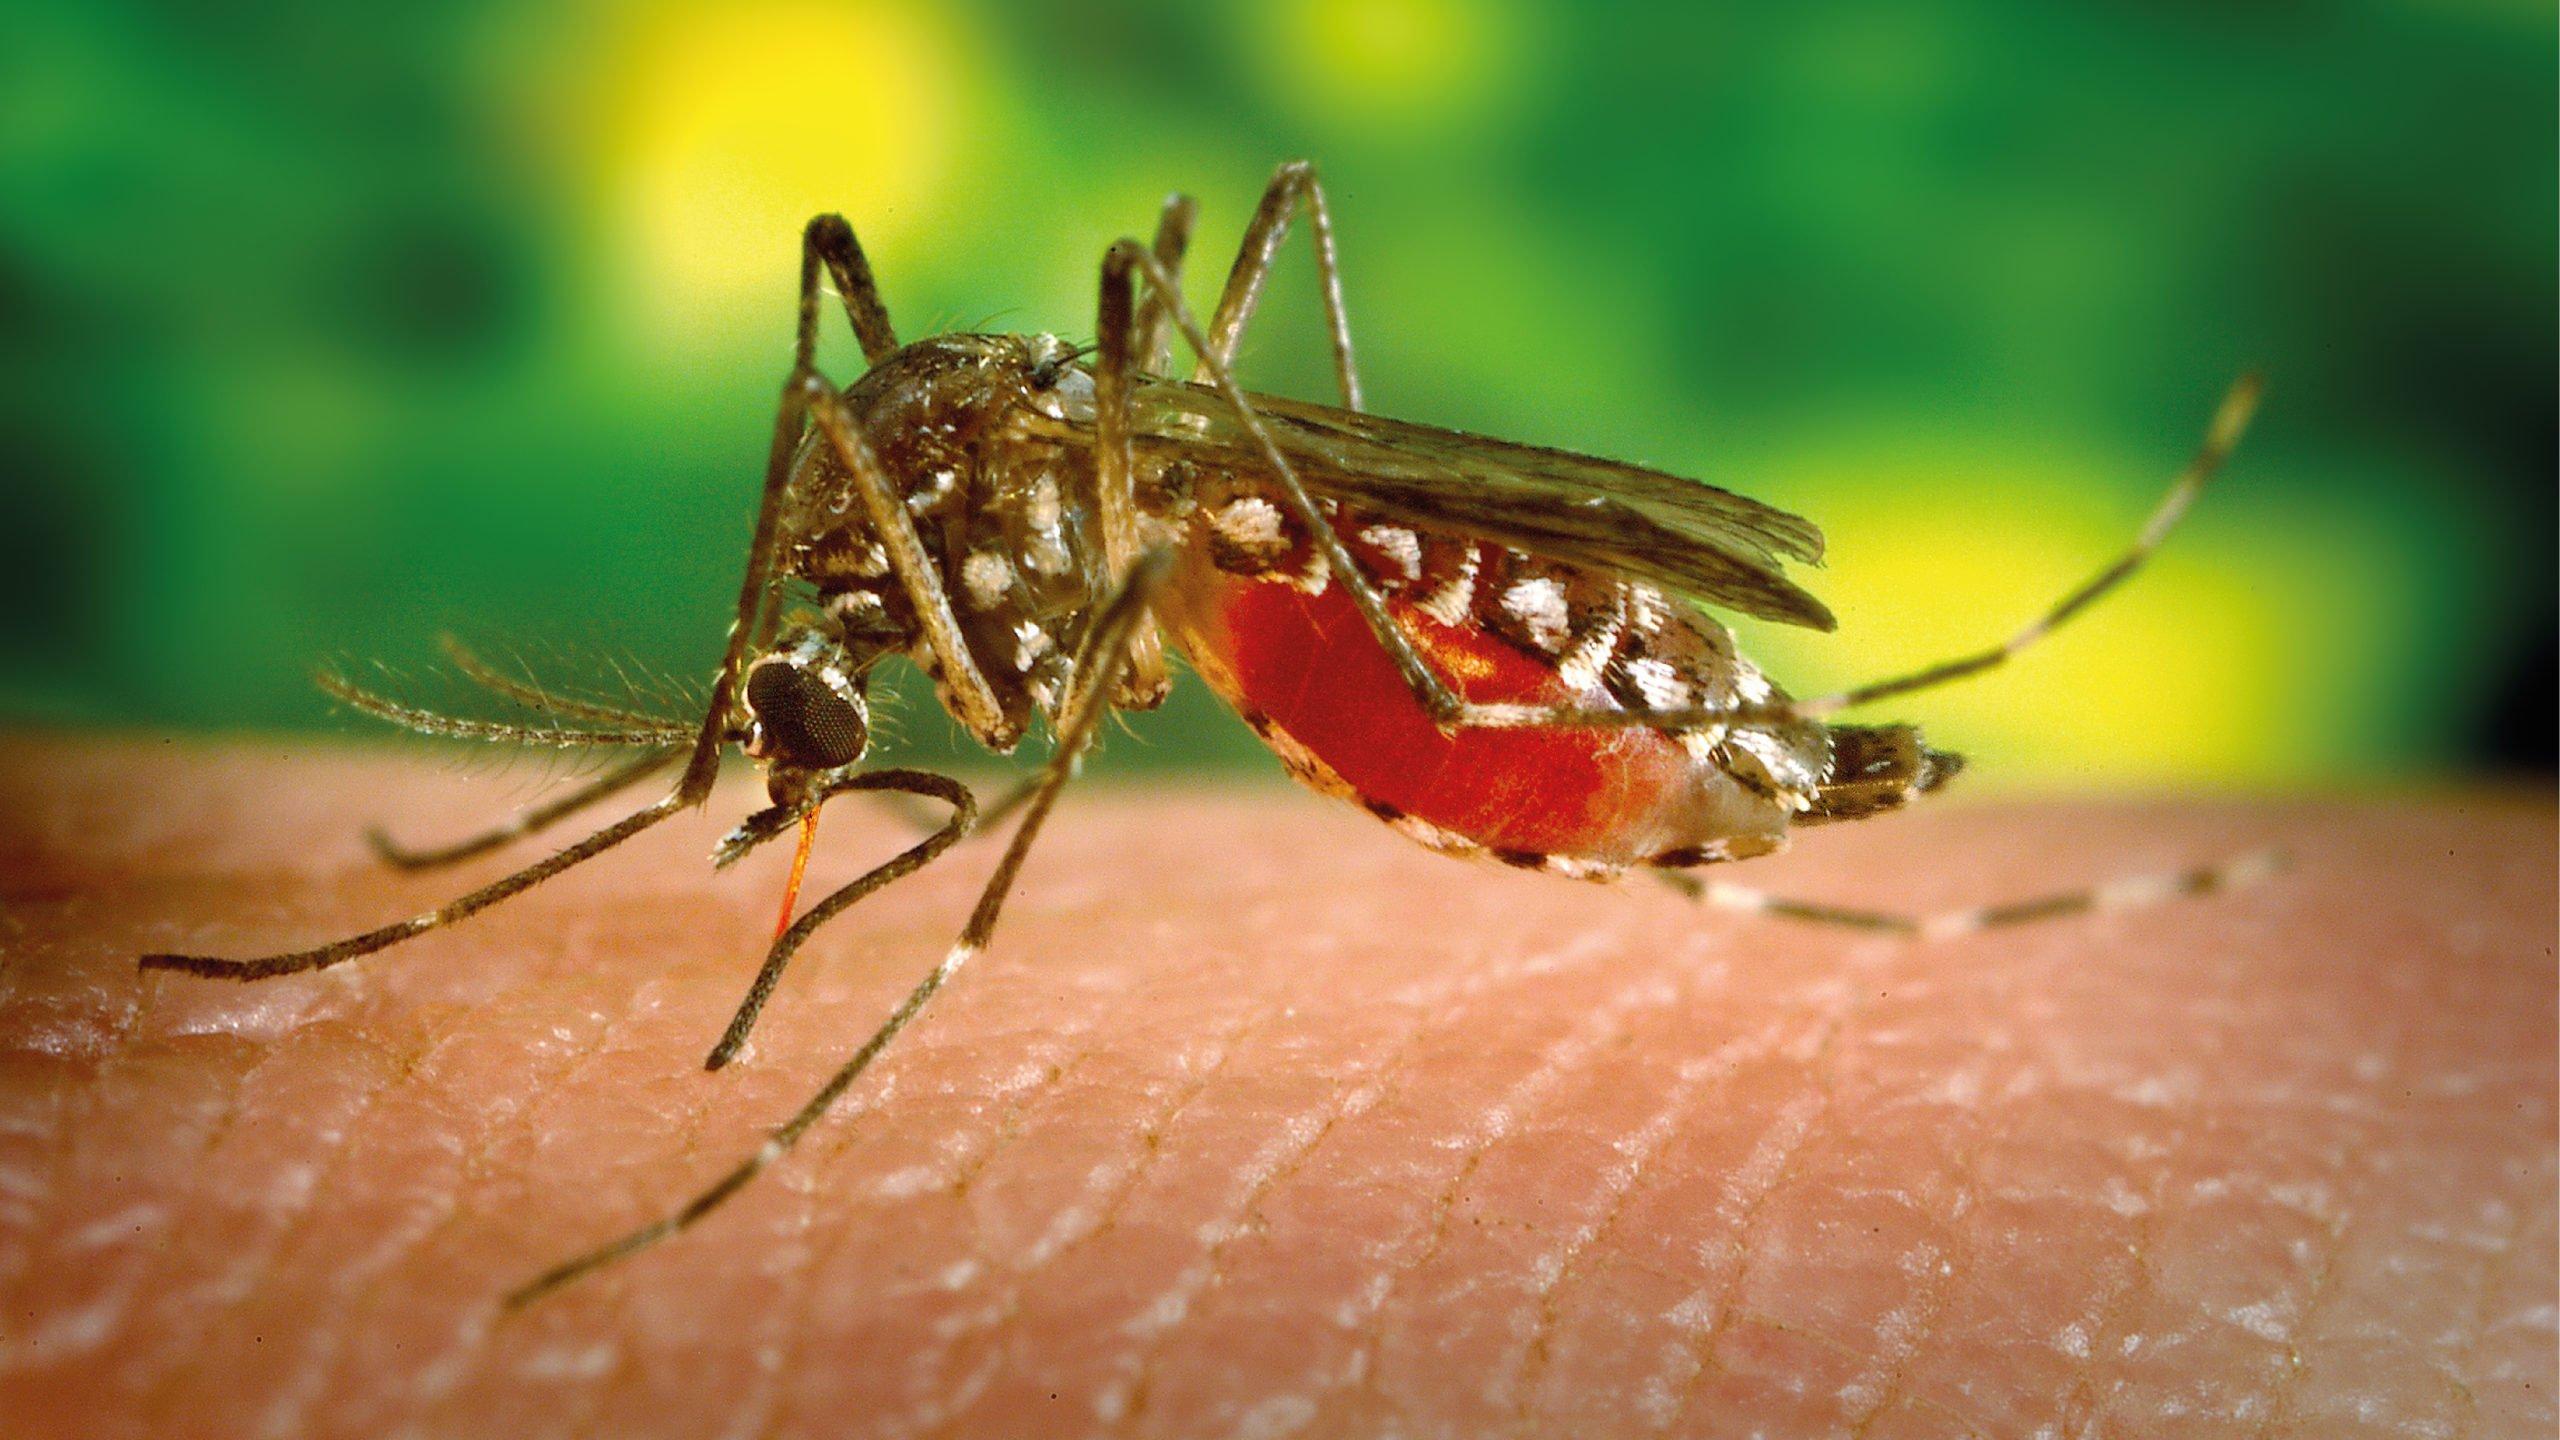 Casos de dengue en América Latina disminuyeron 50% en 2020: OMS